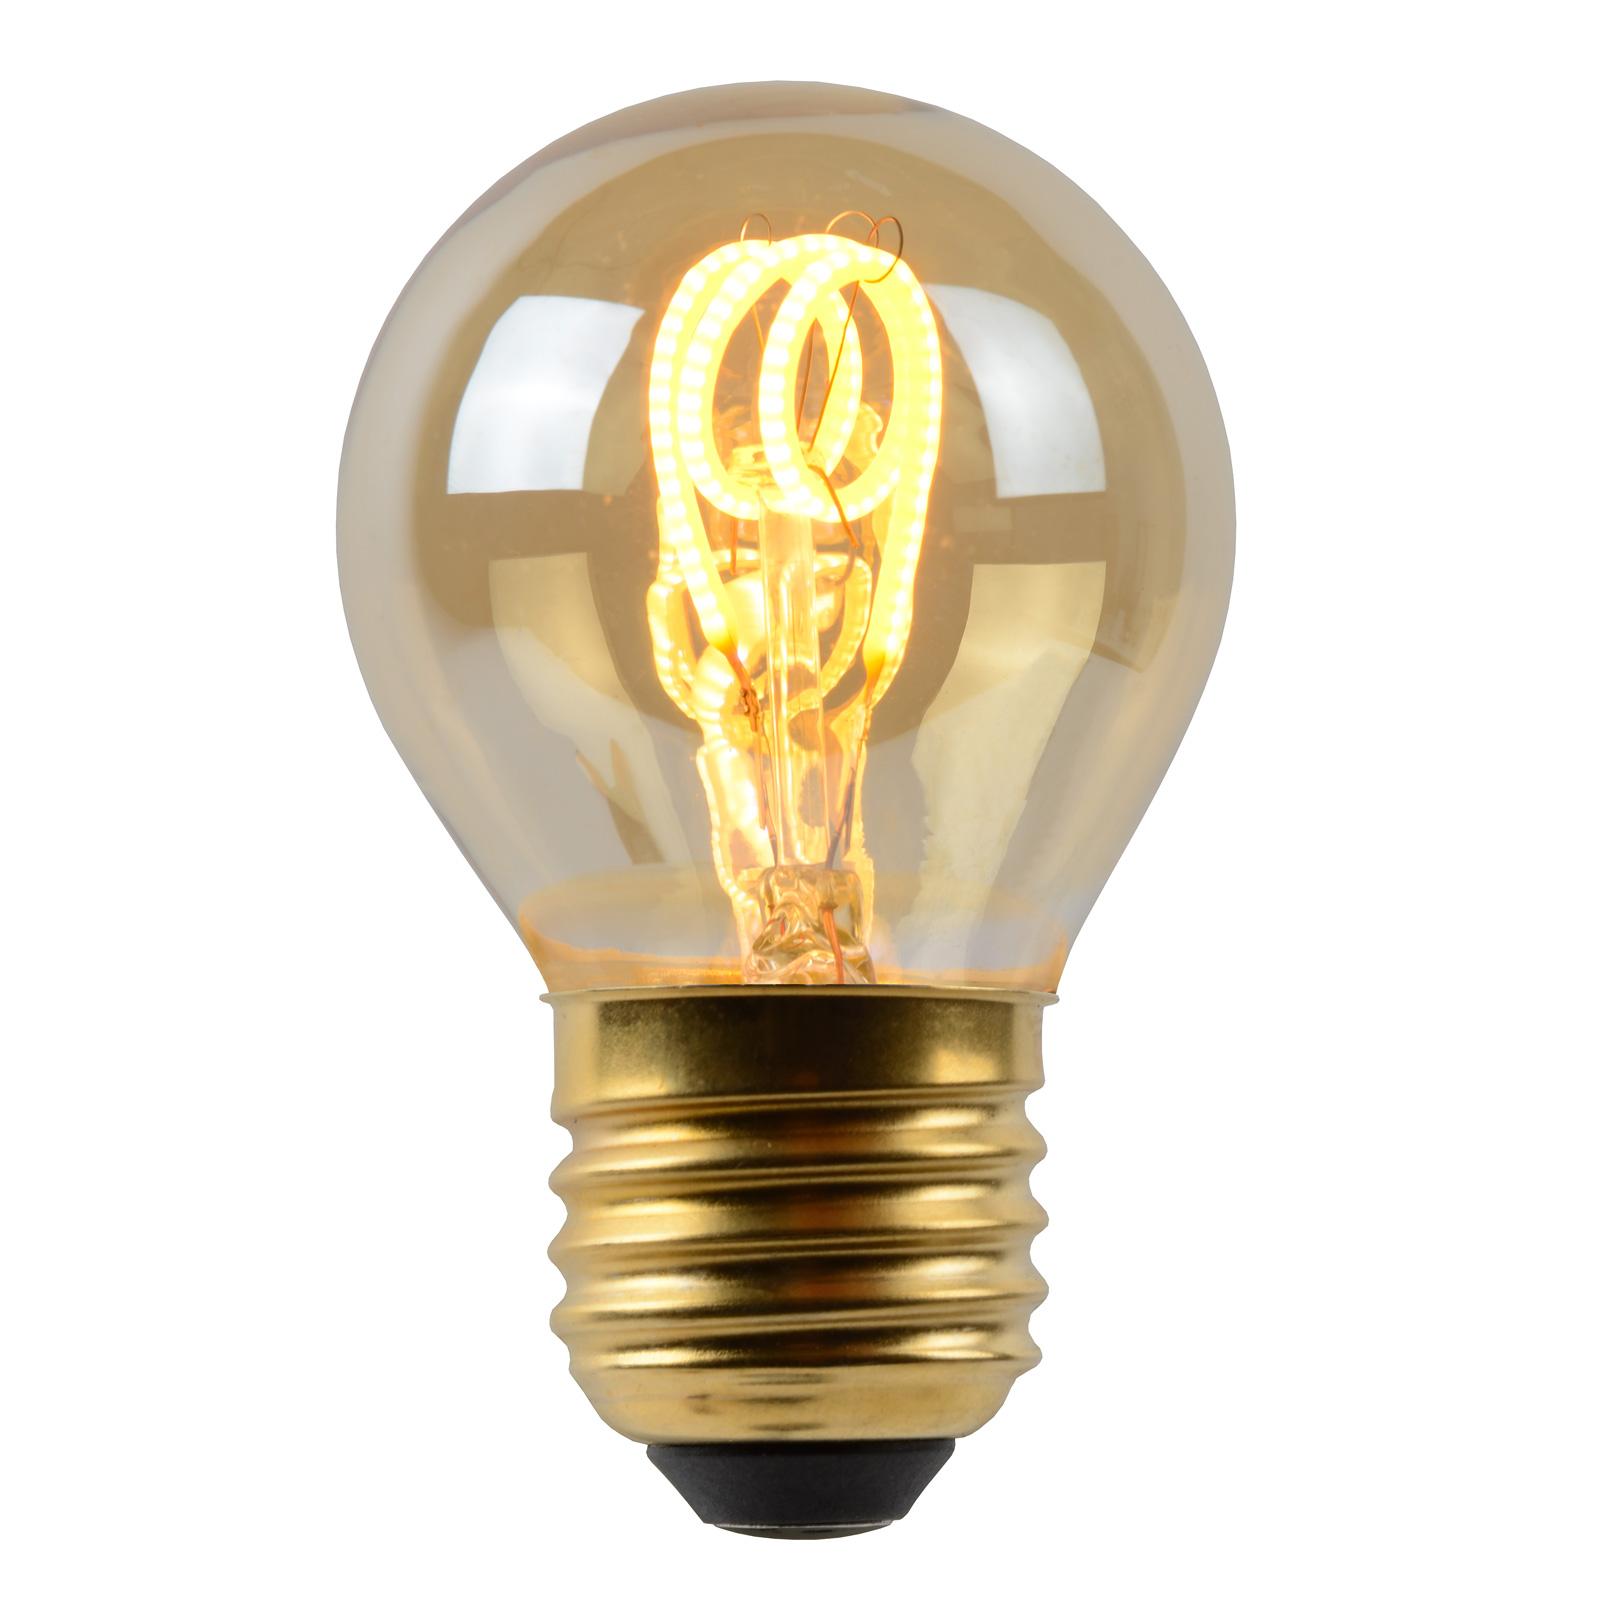 LED-pære E27 G45 3 W rav 2200K dimbar